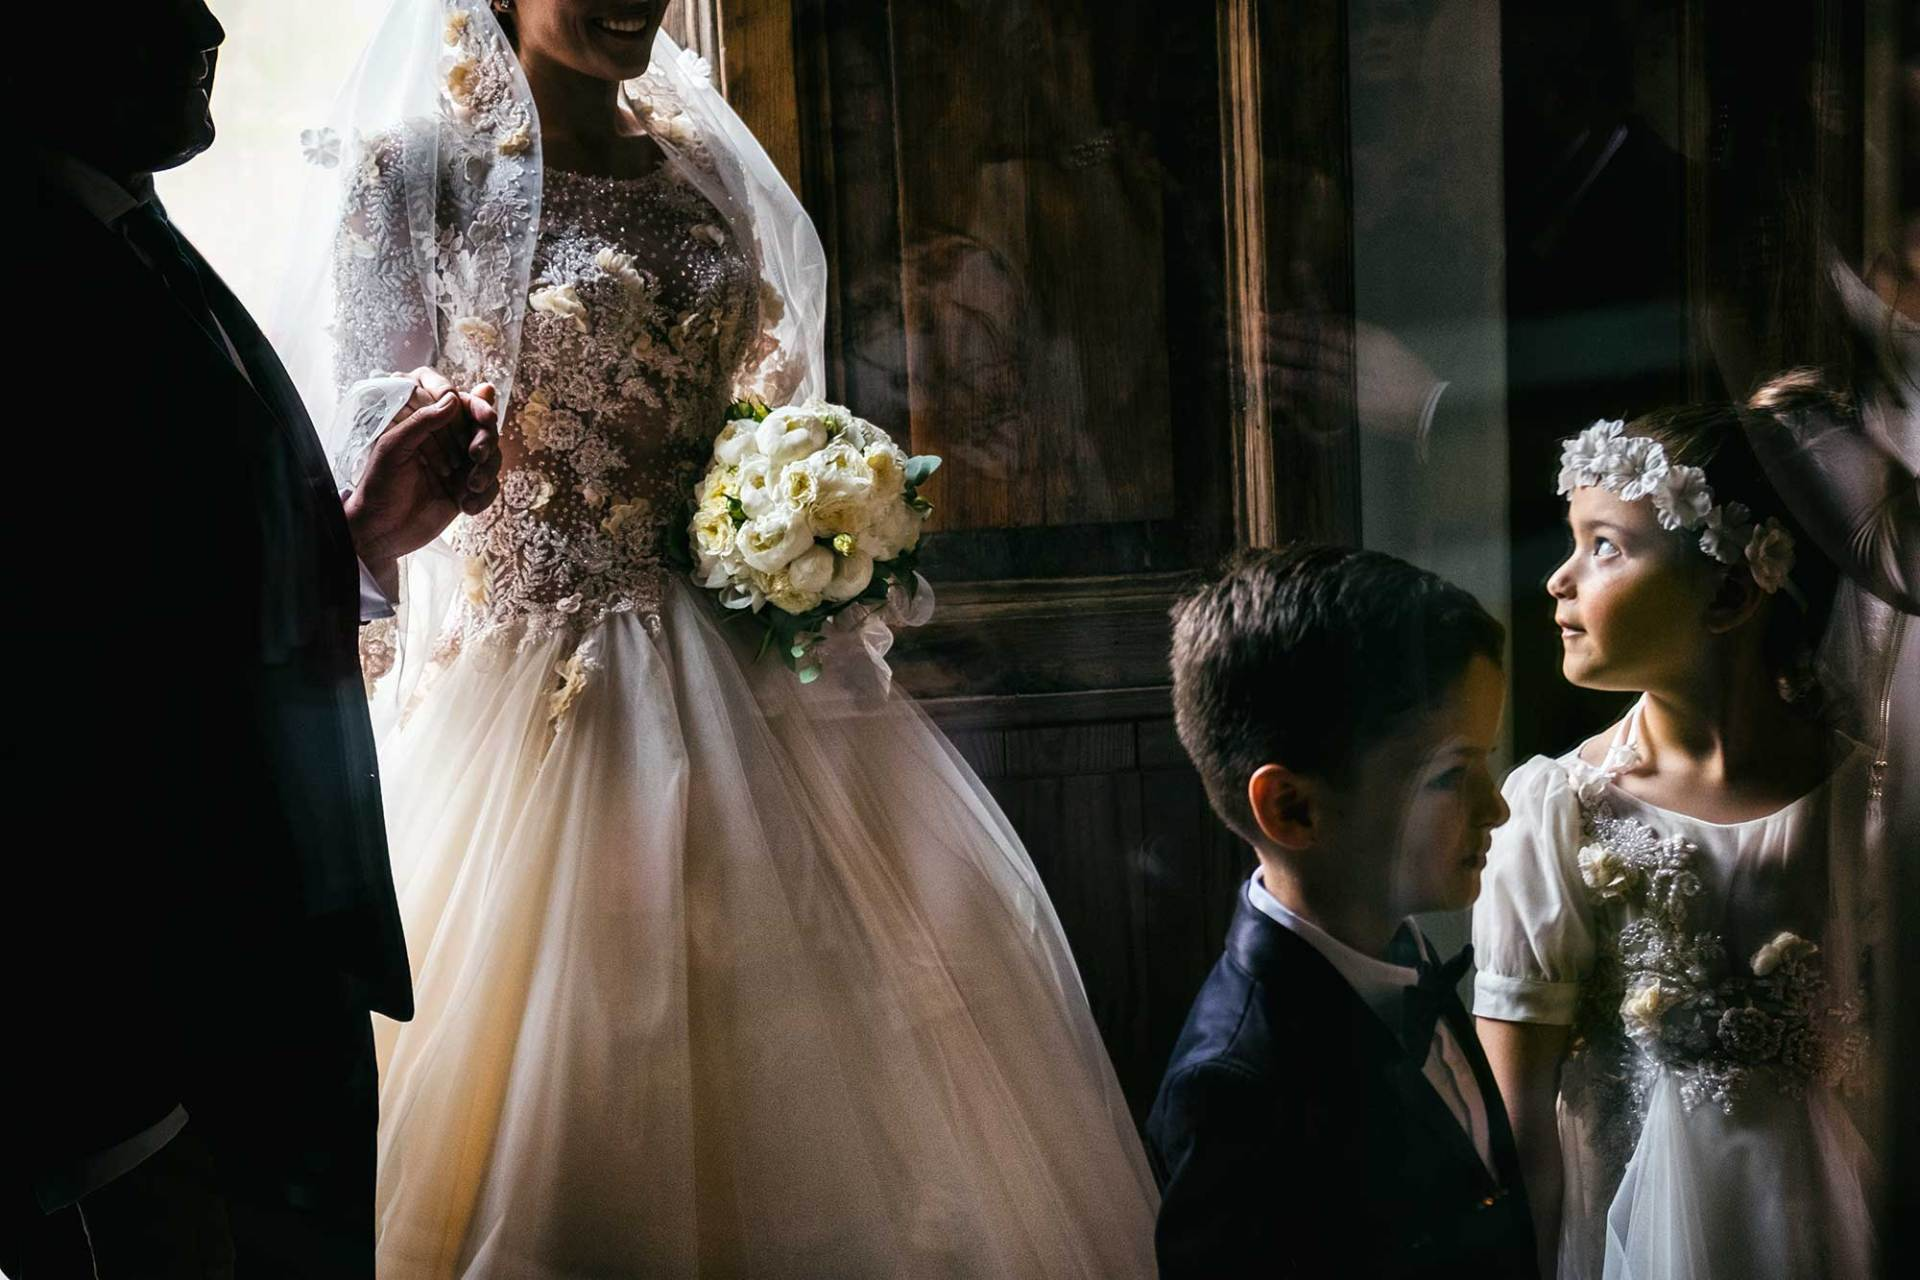 la fotografia per matrimonio che ritrae una sposa mentre entra in chiesa accompagnata dal papà